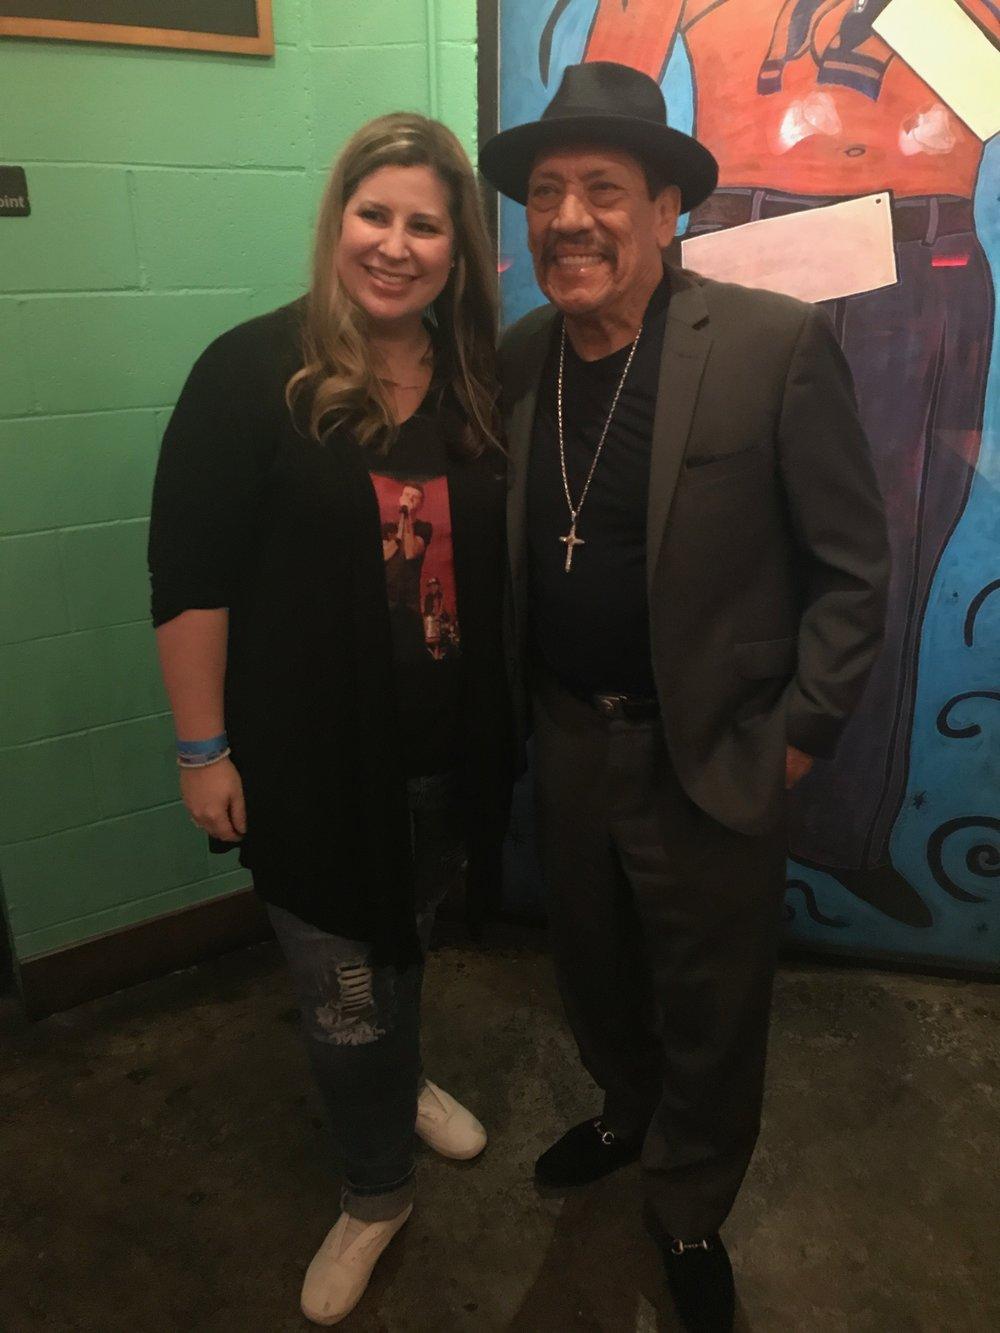 Kristine and Danny Trejo at Trejo's Cantina